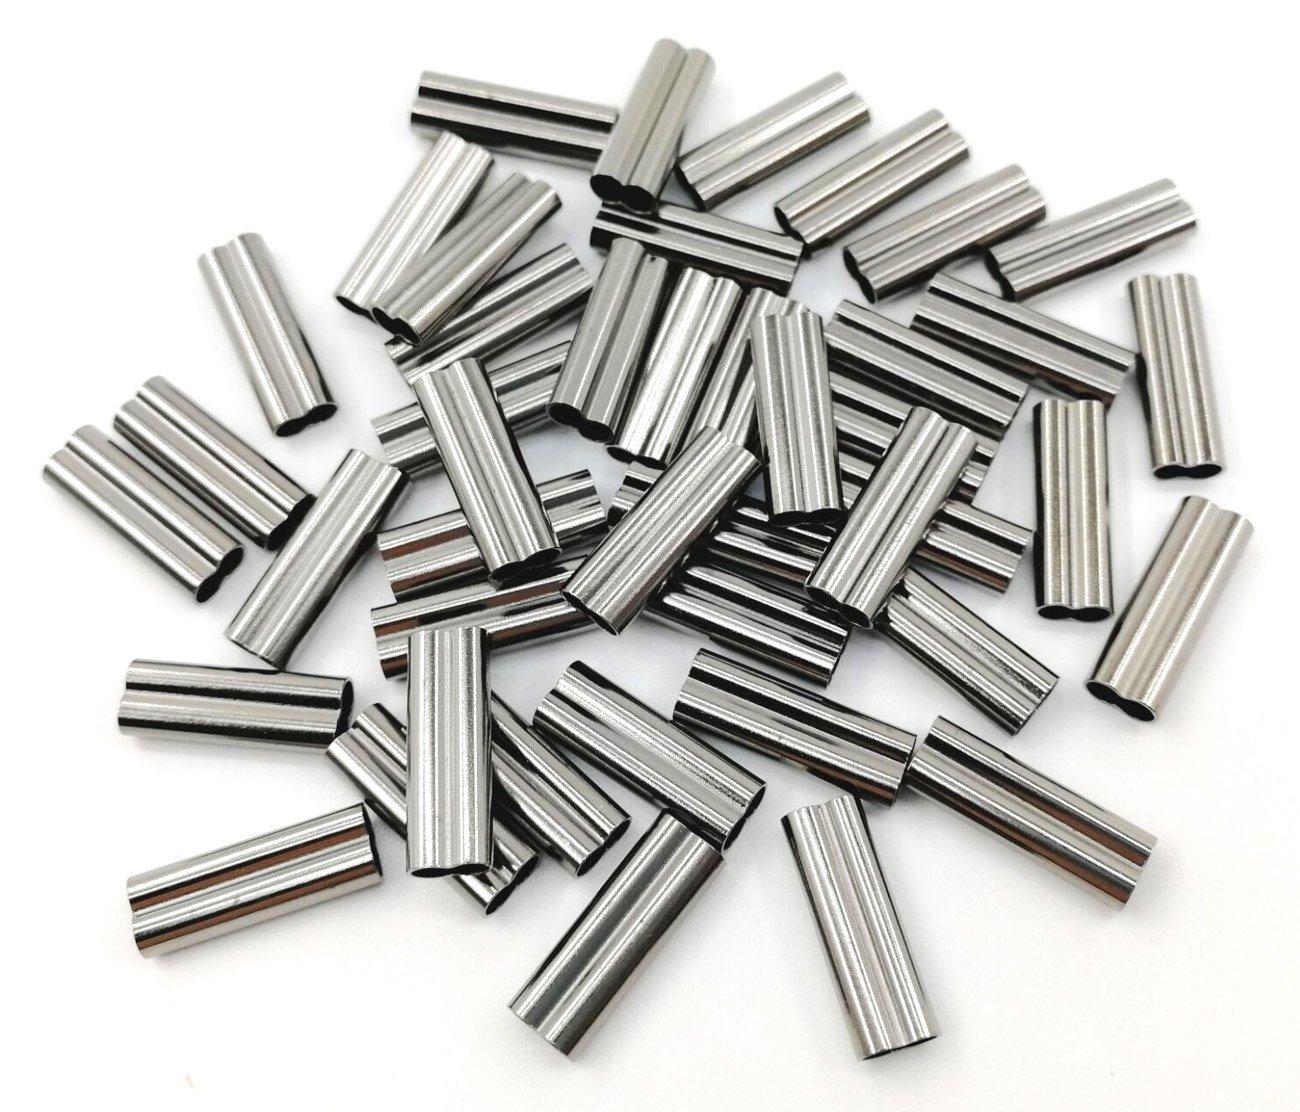 ダブルバレル圧着スリーブブラック色強力な真鍮銅パイプチューブコネクタ釣りワイヤ釣りラインアクセサリー B072V5J4MV 0.8mm (Pack of 100)